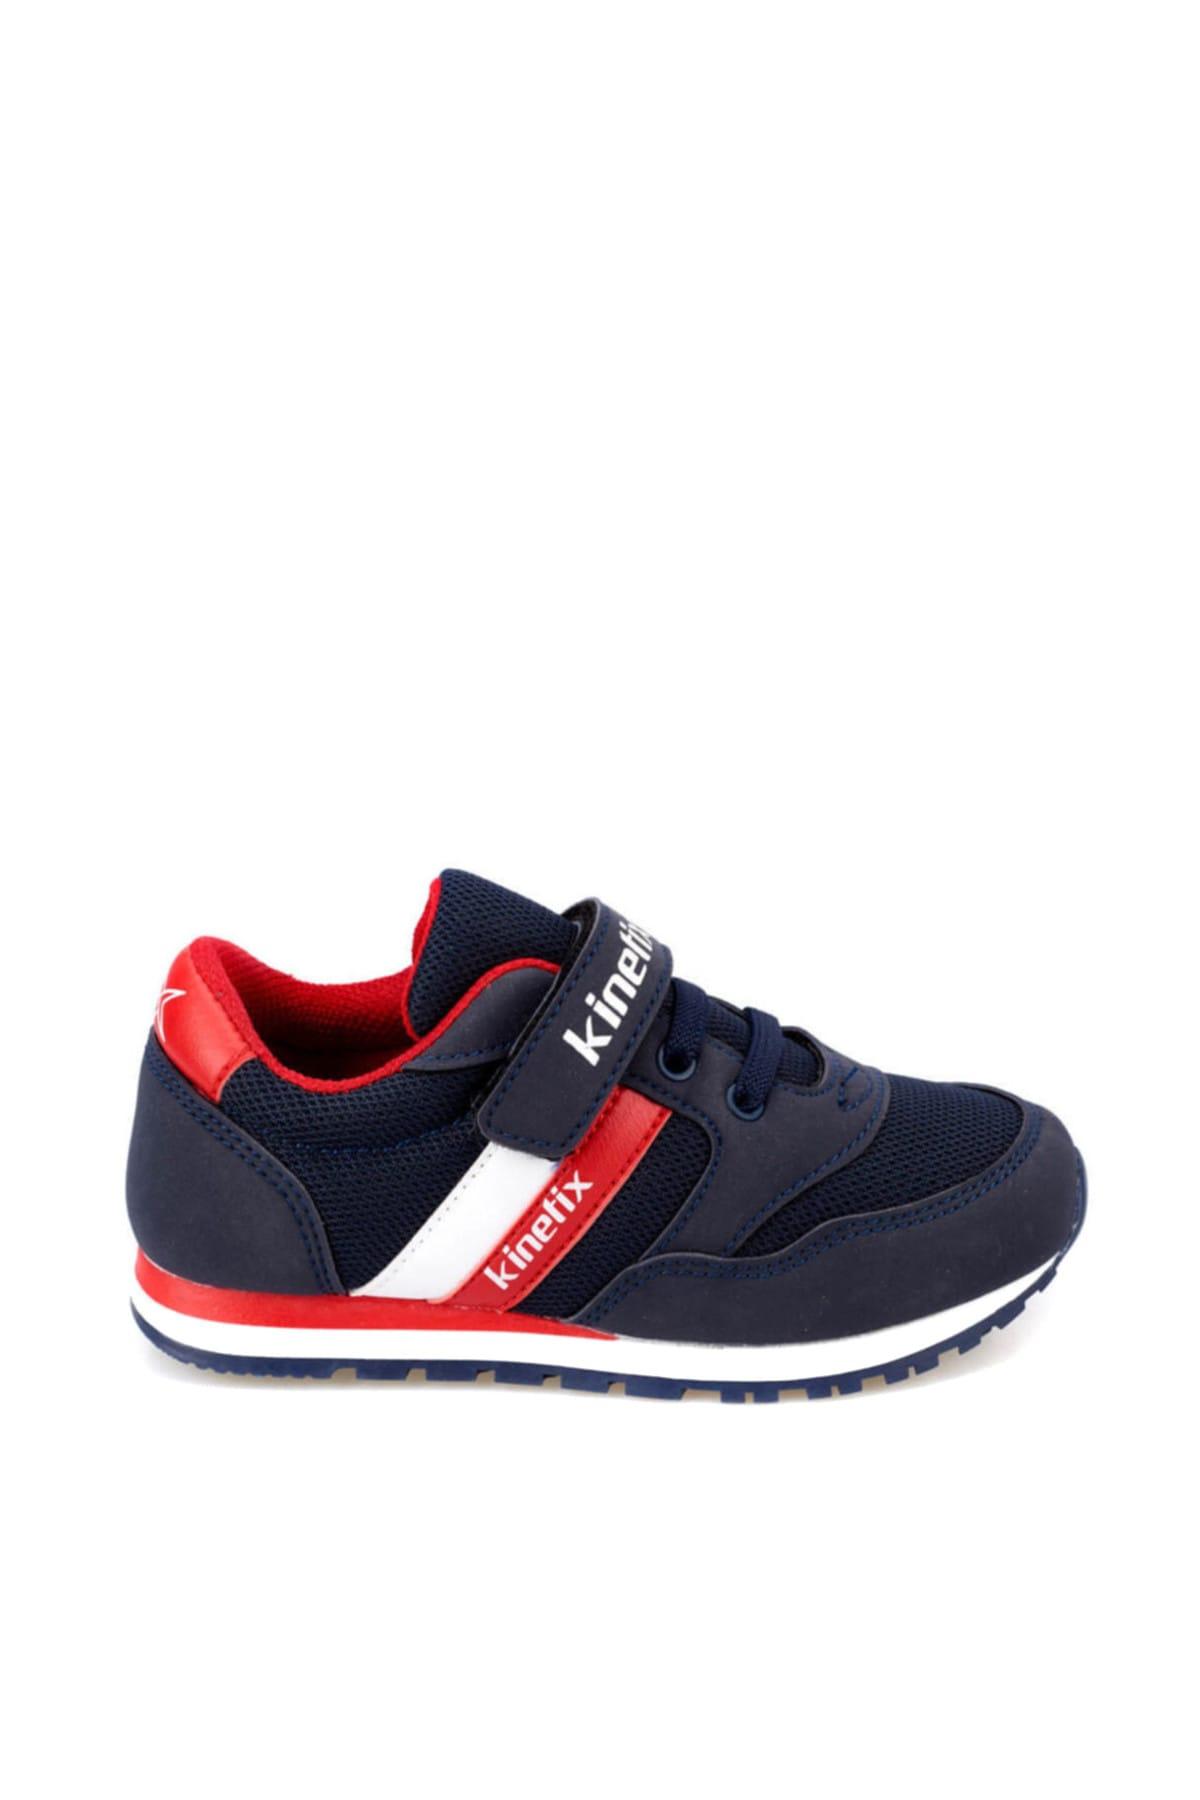 Kinetix PAYOF Lacivert Kırmızı Erkek Çocuk Sneaker 100243134 2